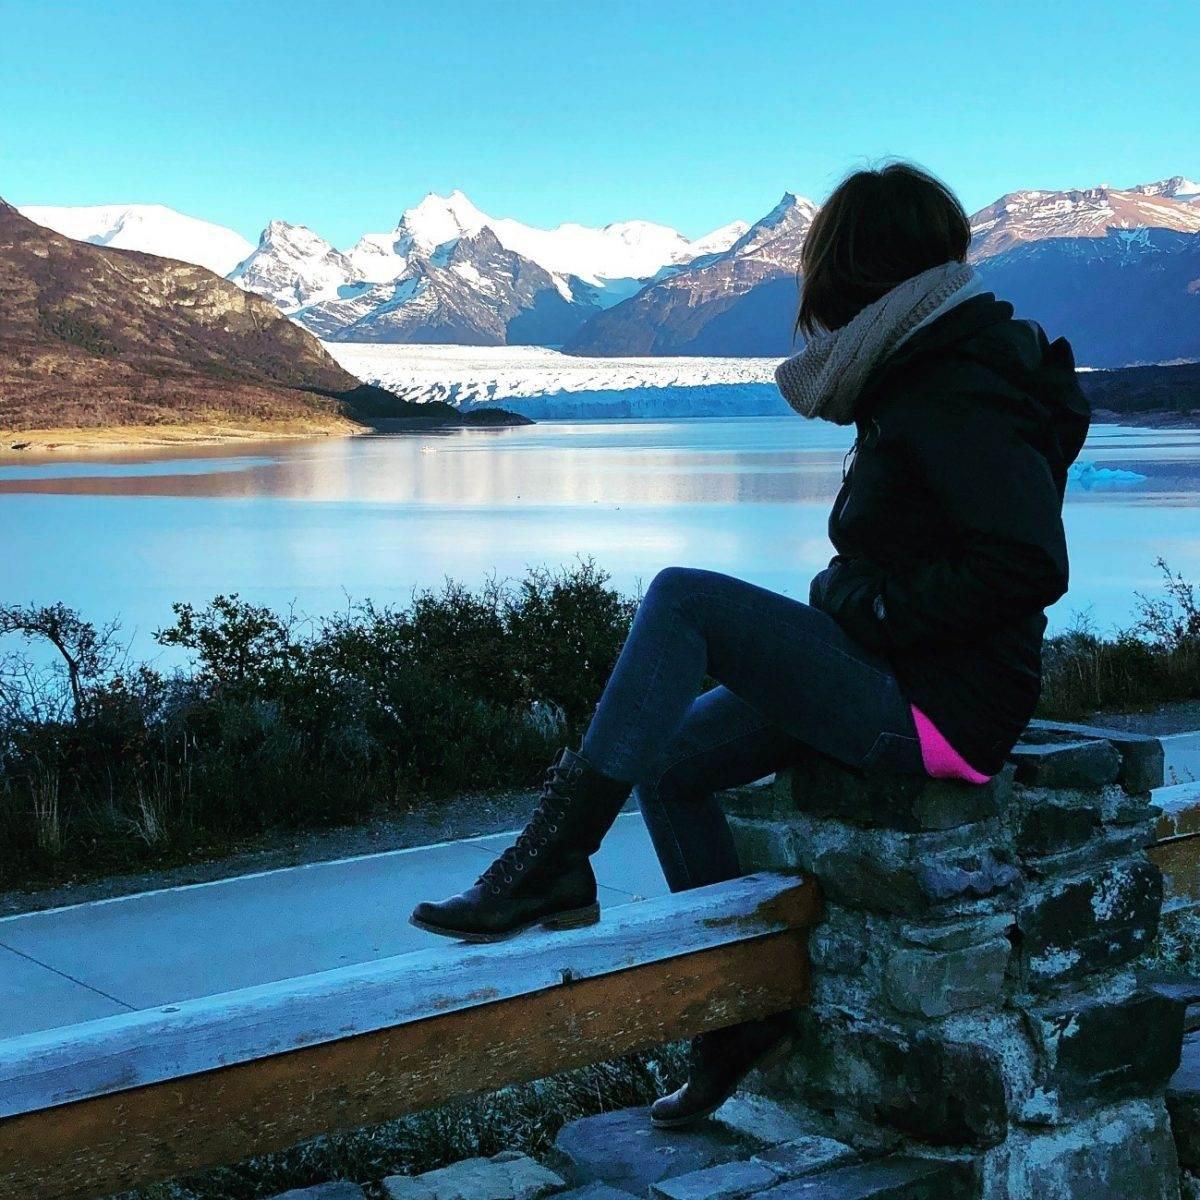 Parque Nacional de los Glaciares en Argentina